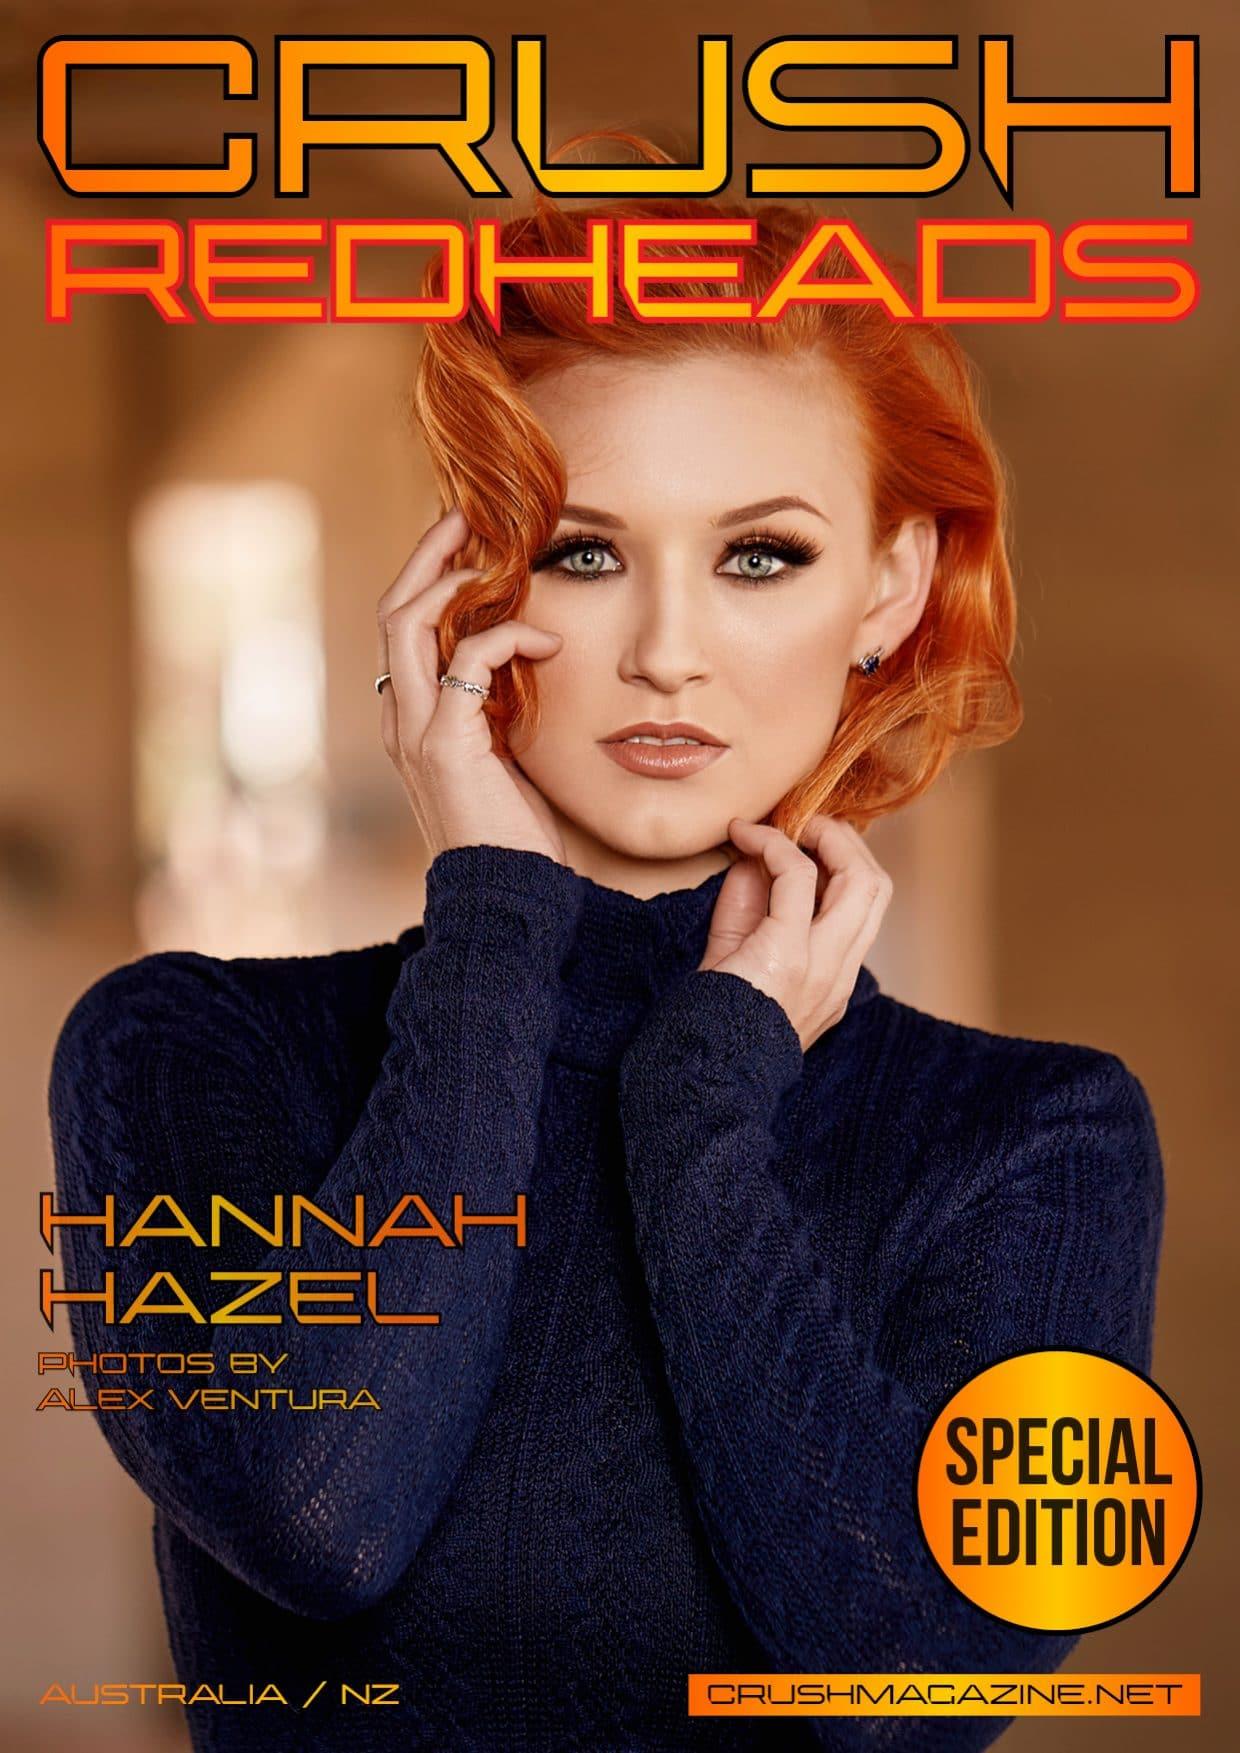 Crush Magazine - Redheads - Hannah Hazel 1